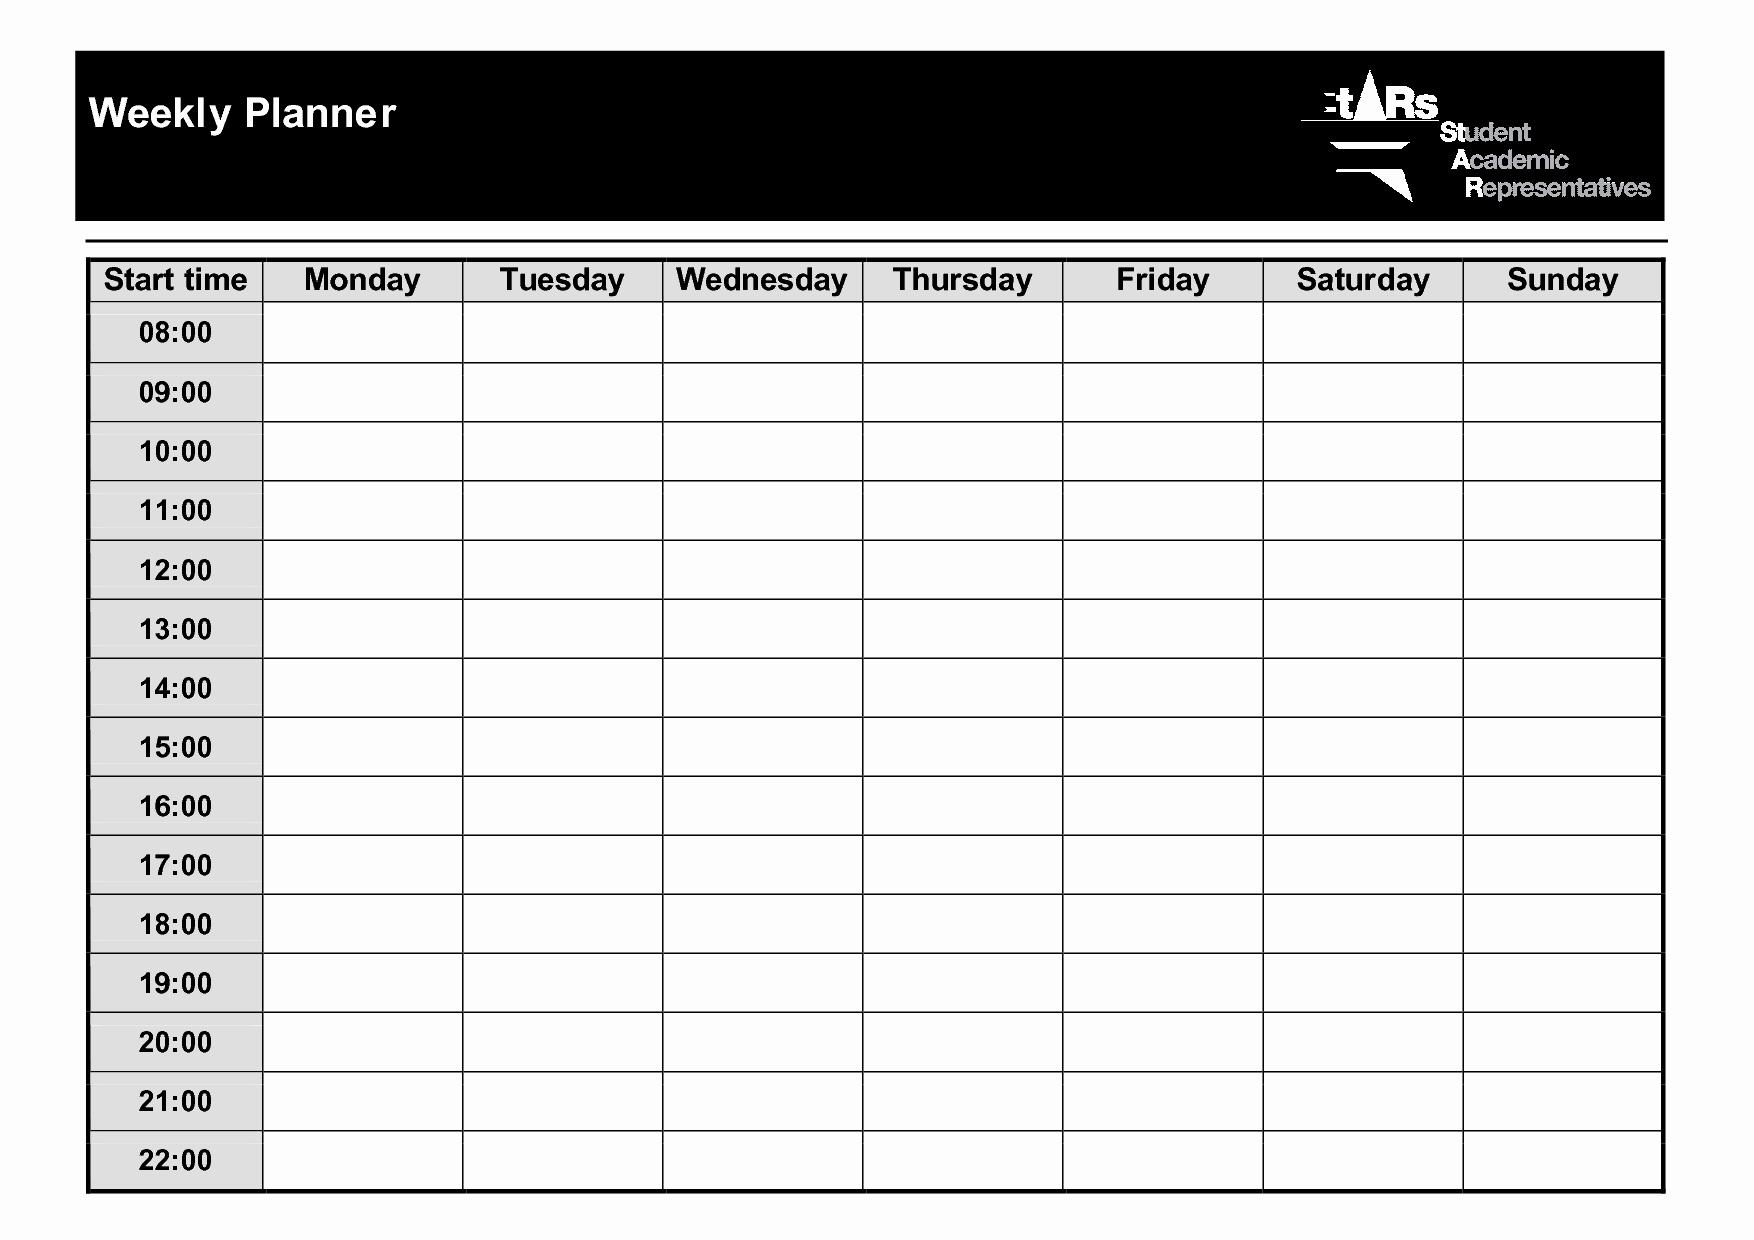 Printable Weekly Planner Template Inspirational 9 Best Of Weekly Planner Printable Pdf Weekly